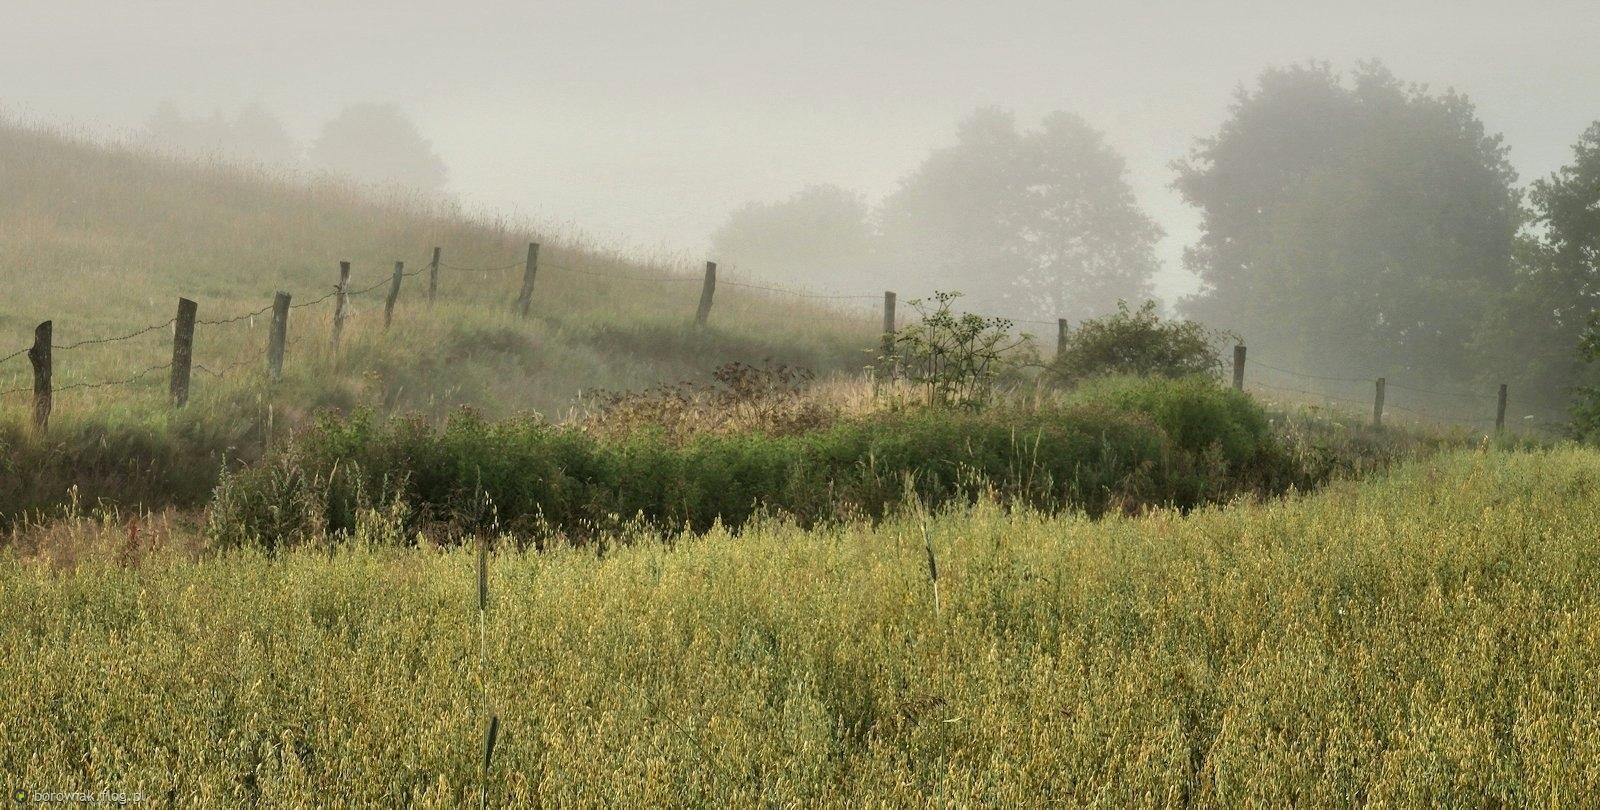 Kaszubskie pola, kaszubskie ugory...